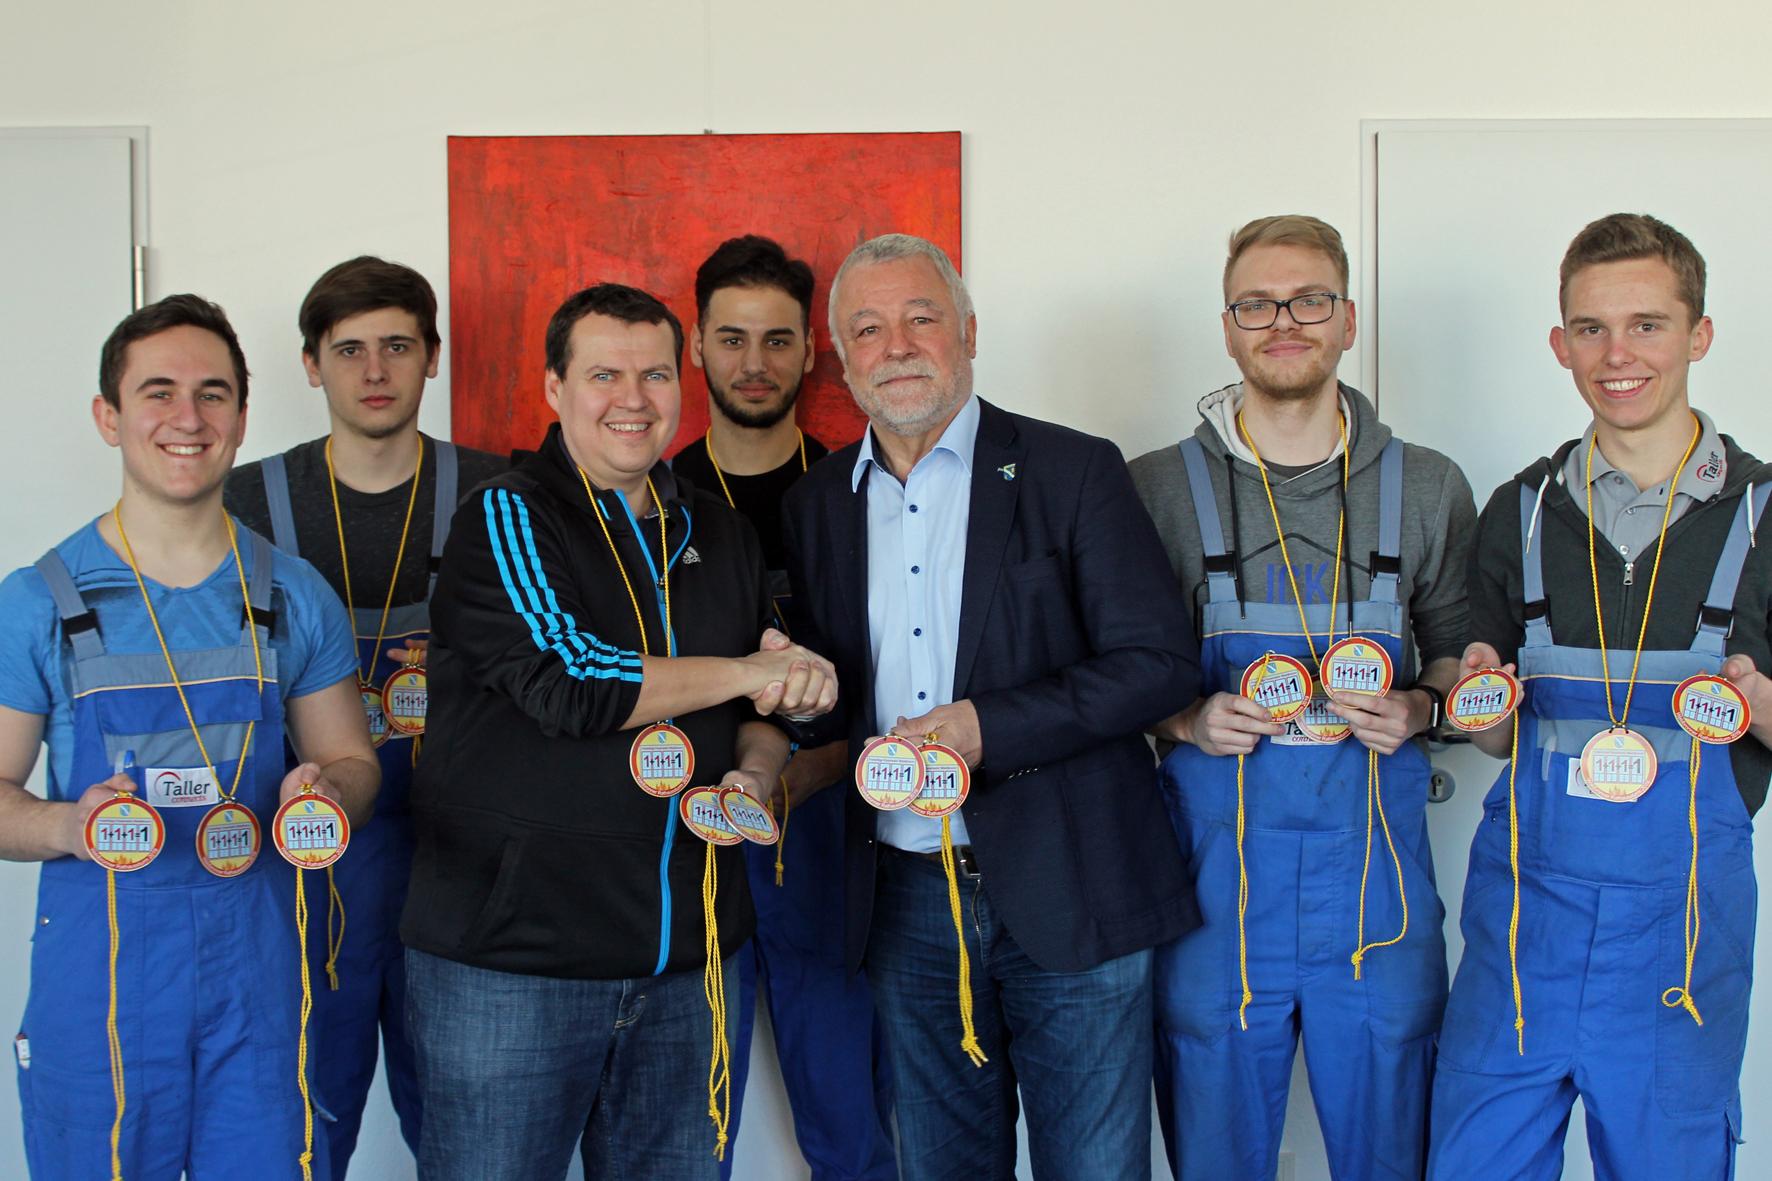 Auszubildende der Firma Taller übergeben gemeinsam mit Ausbildungsleiter Martin Becker die neuen Rathausorden an Bürgermeister Franz Masino.